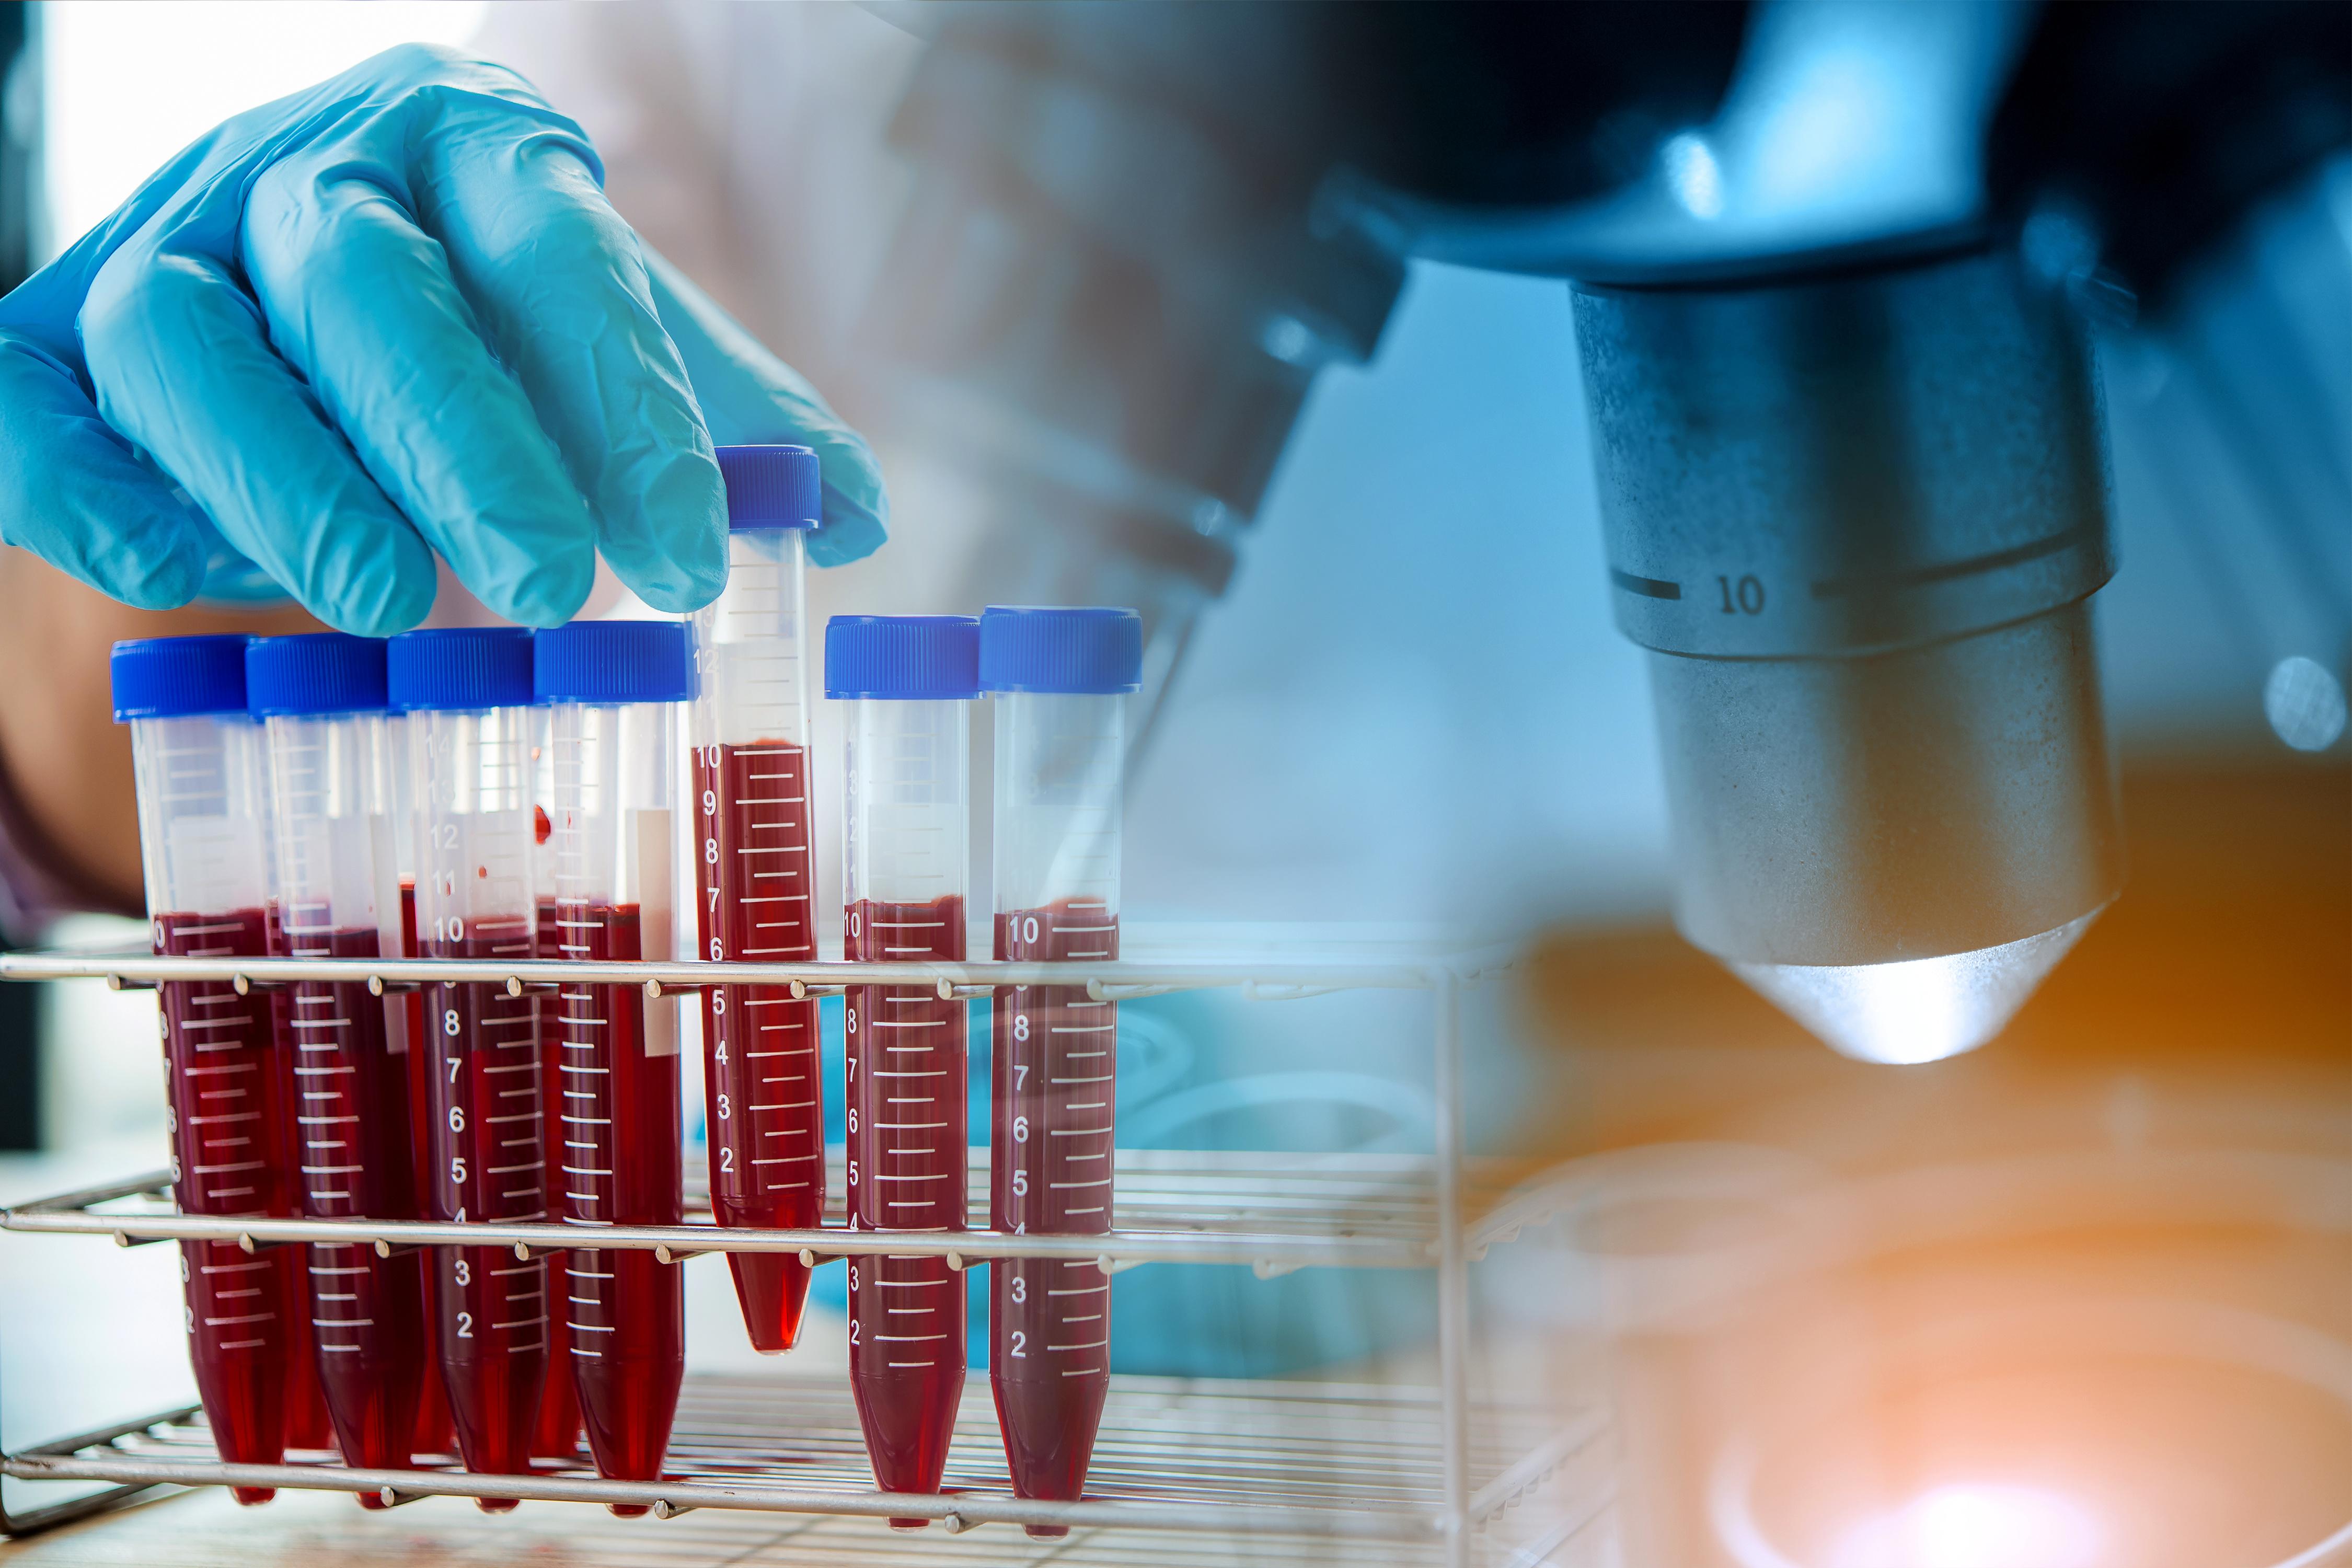 L'intelligence artificielle en support de la biologie va très probablement et très prochainement permettre de diagnostiquer, par simple test sanguin le développement et la progression des maladies neurodégénératives, dont la maladie d'Alzheimer